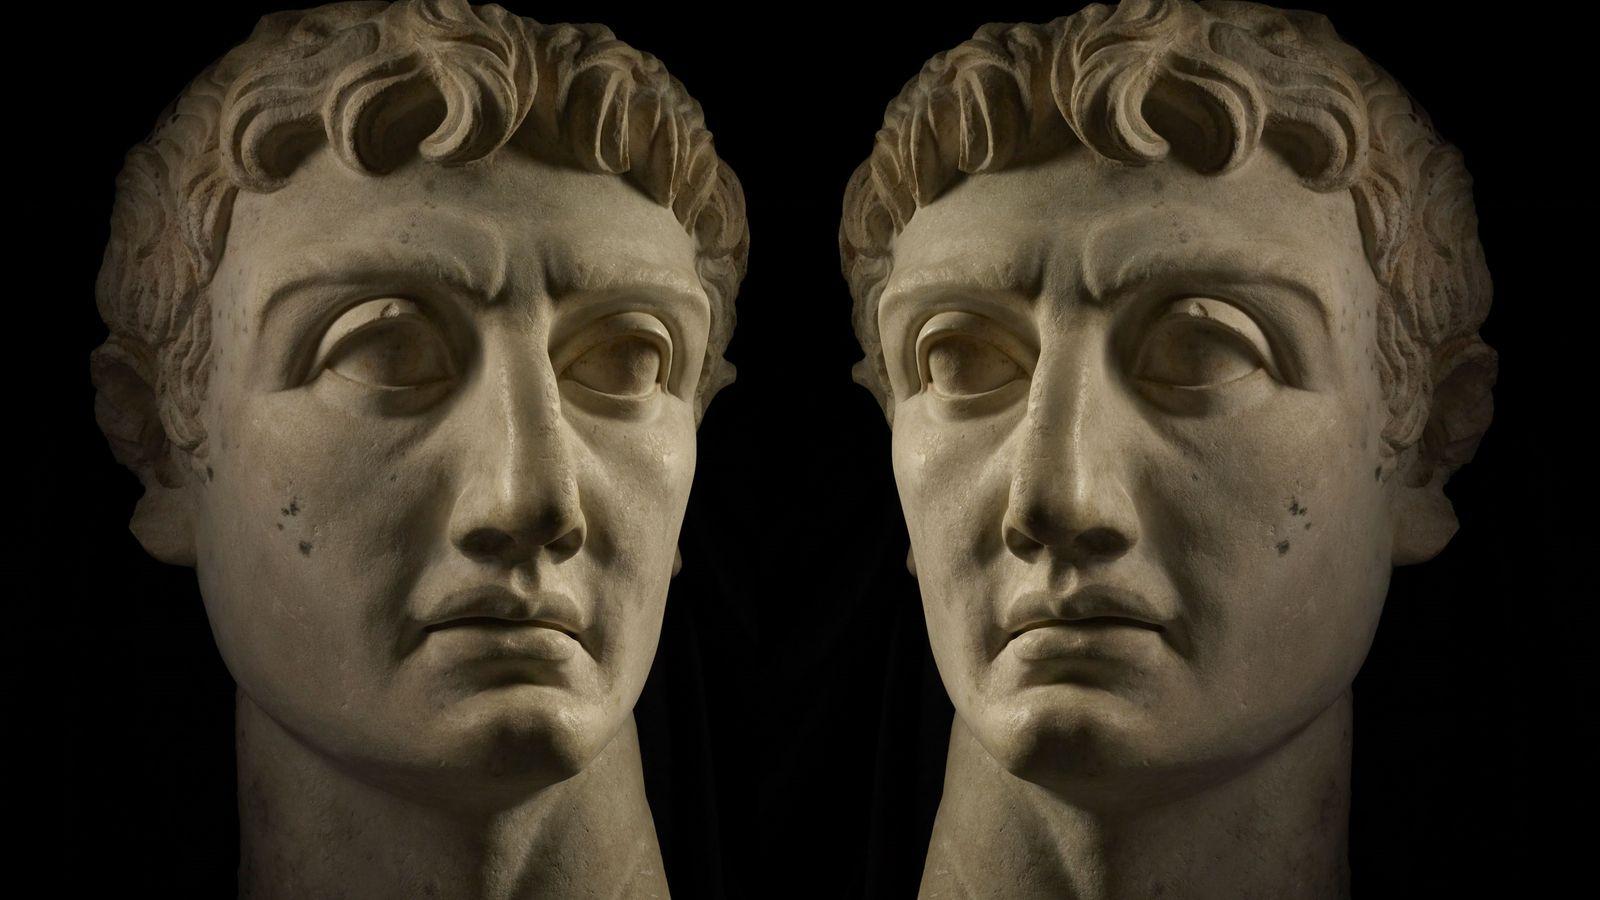 Marmorbüste des römischen Imperator Caesar Divi filius Augustus